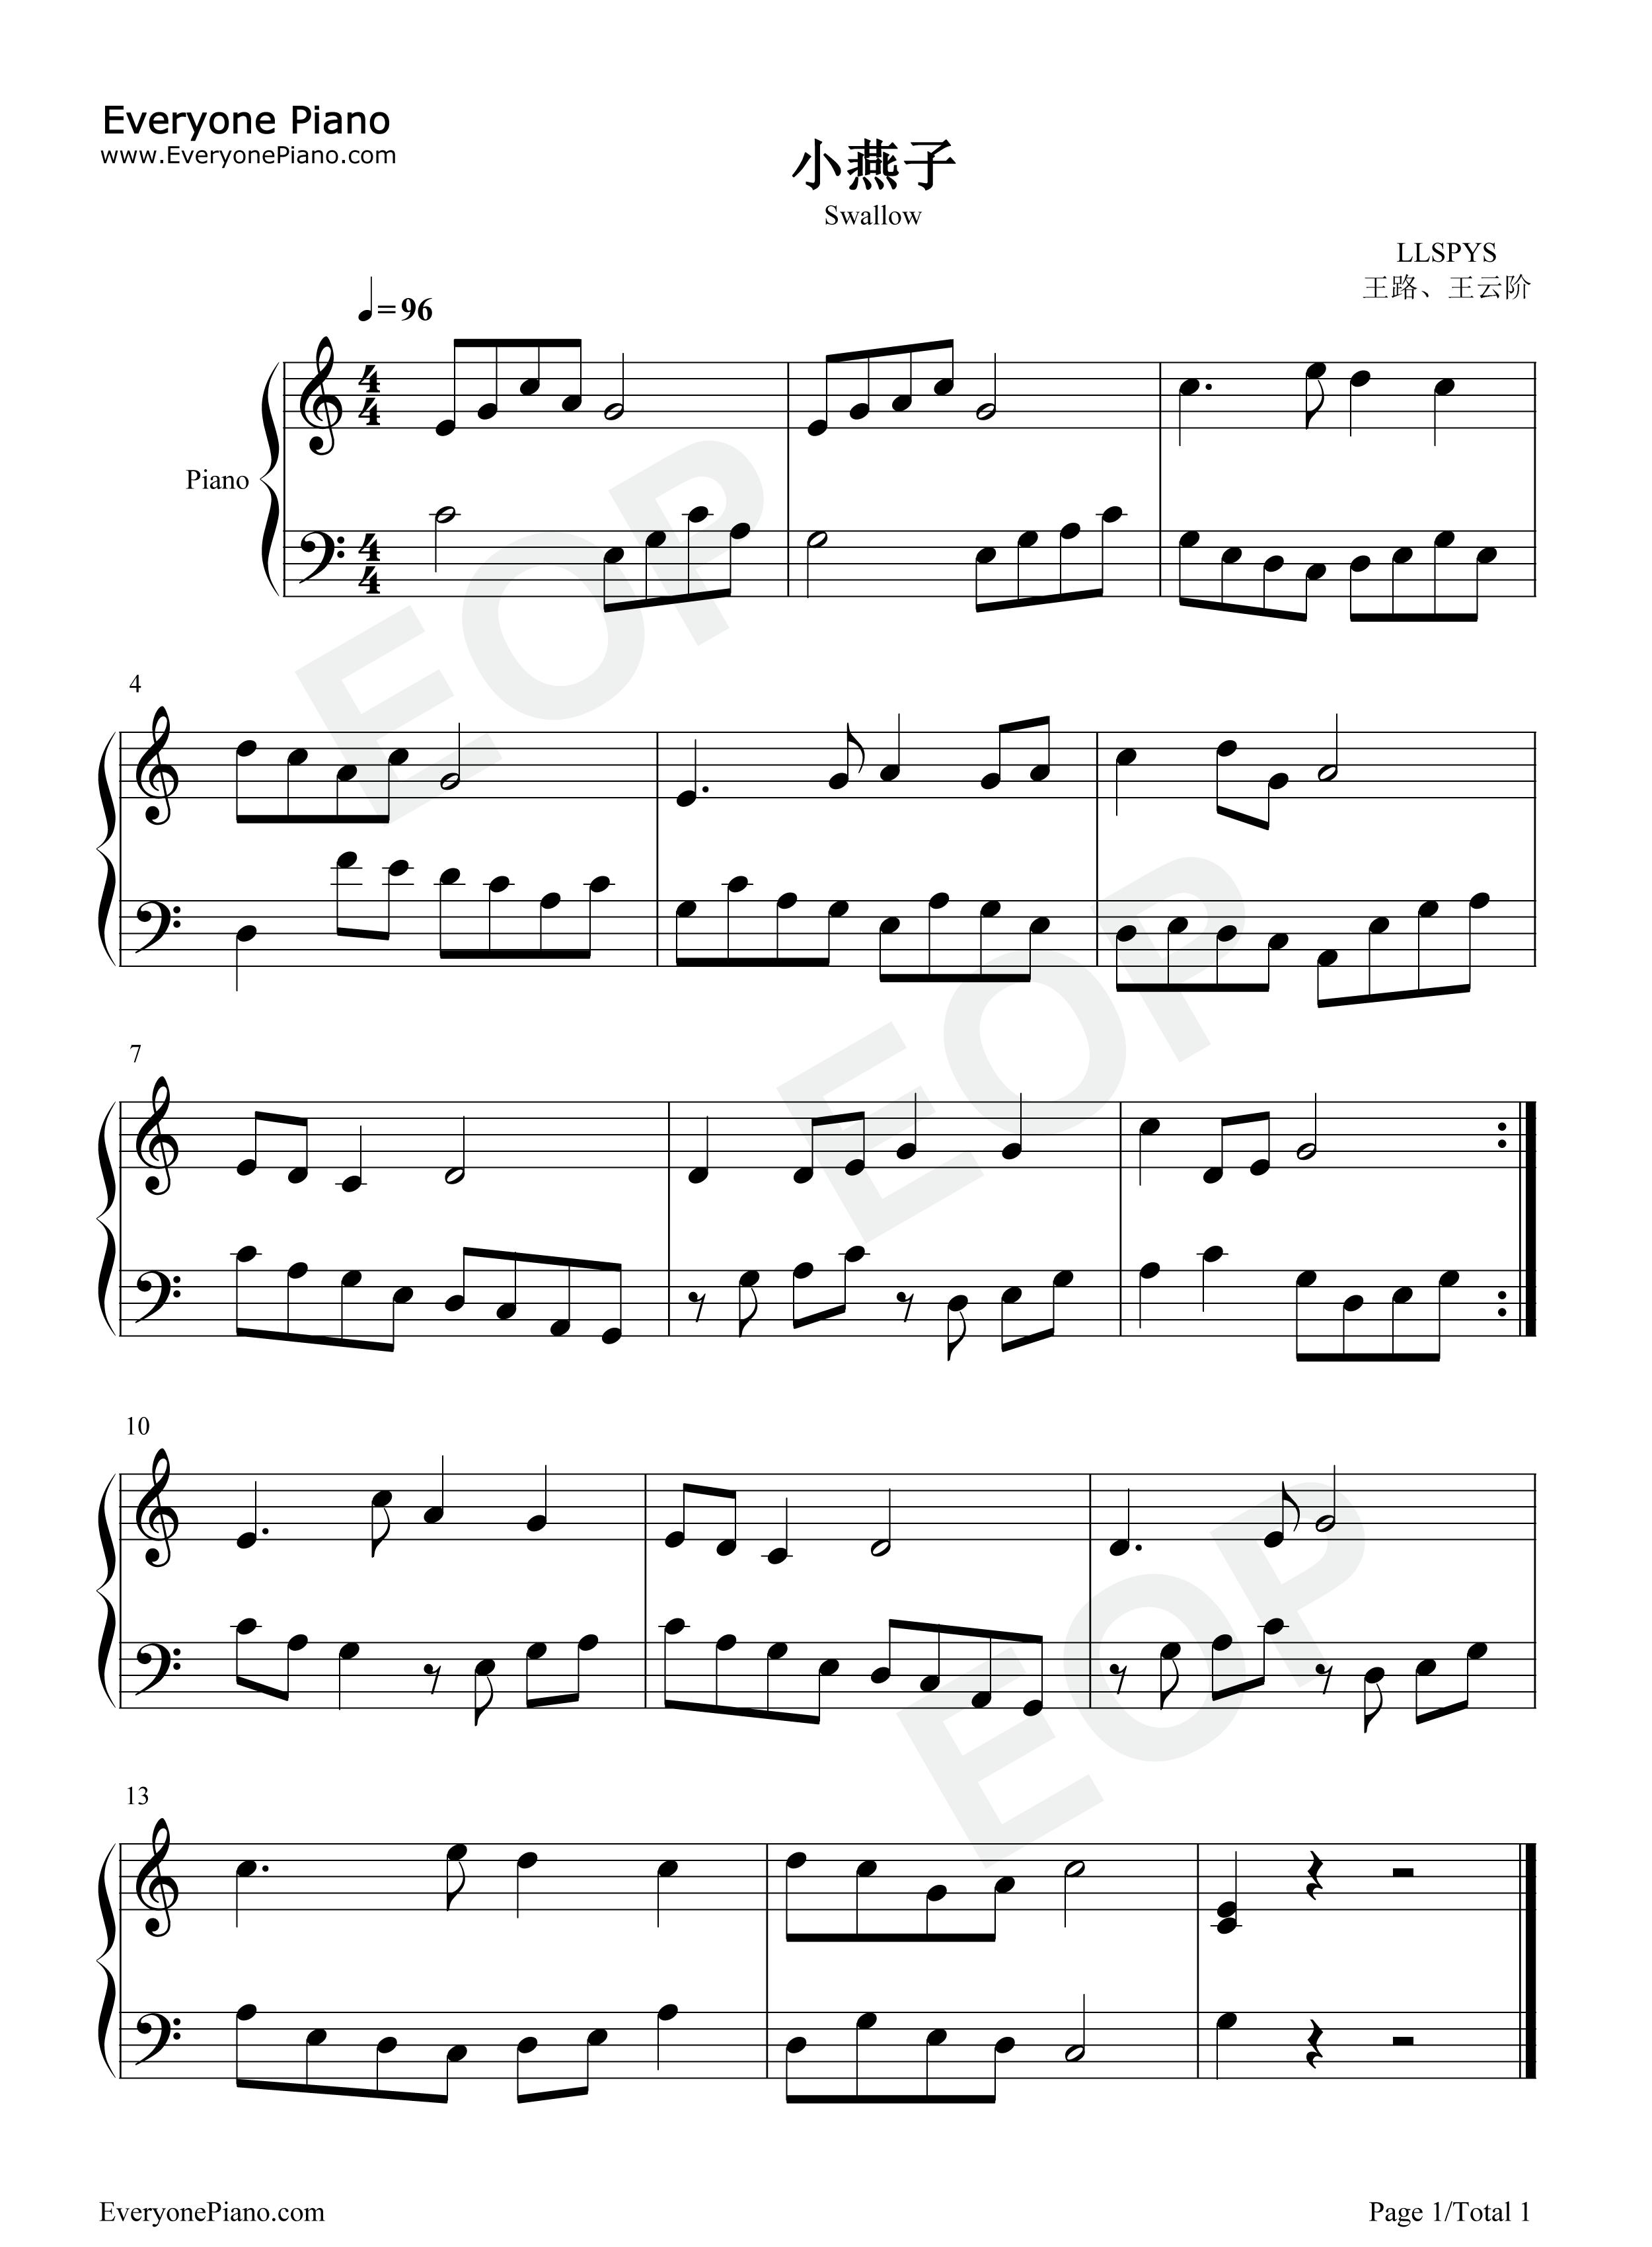 钢琴曲谱 儿歌 小燕子 小燕子五线谱预览1  }  仅供学习交流使用!